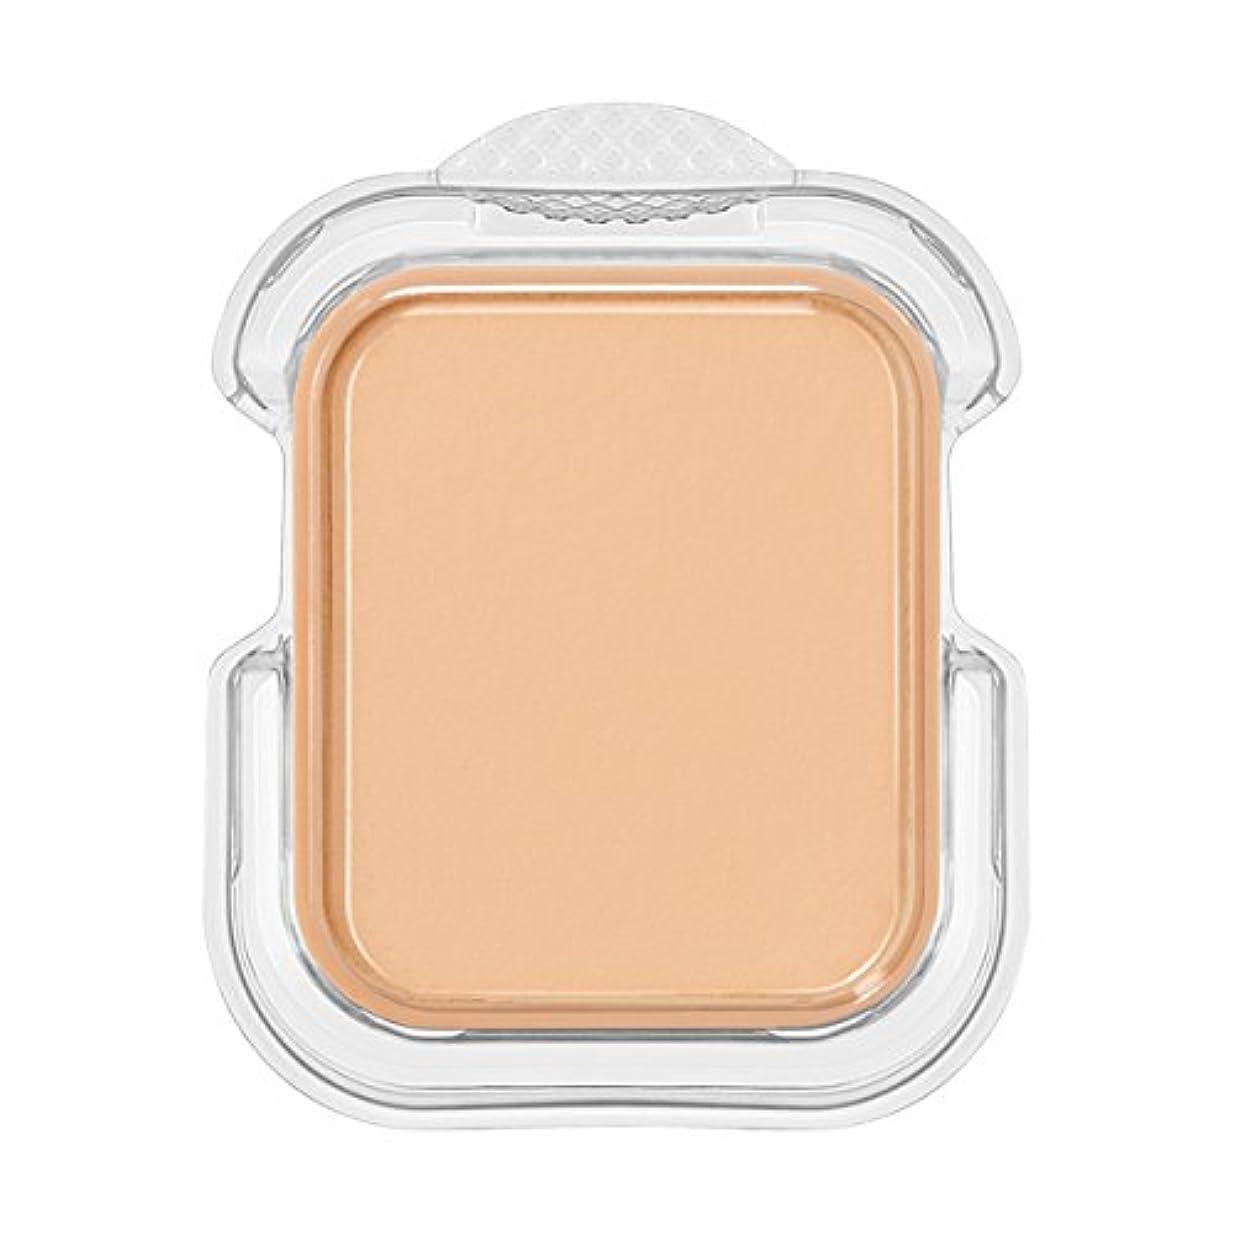 偶然の年金贅沢エリクシール スキンアップ パクト ピンクオークル10 (レフィル) 10g